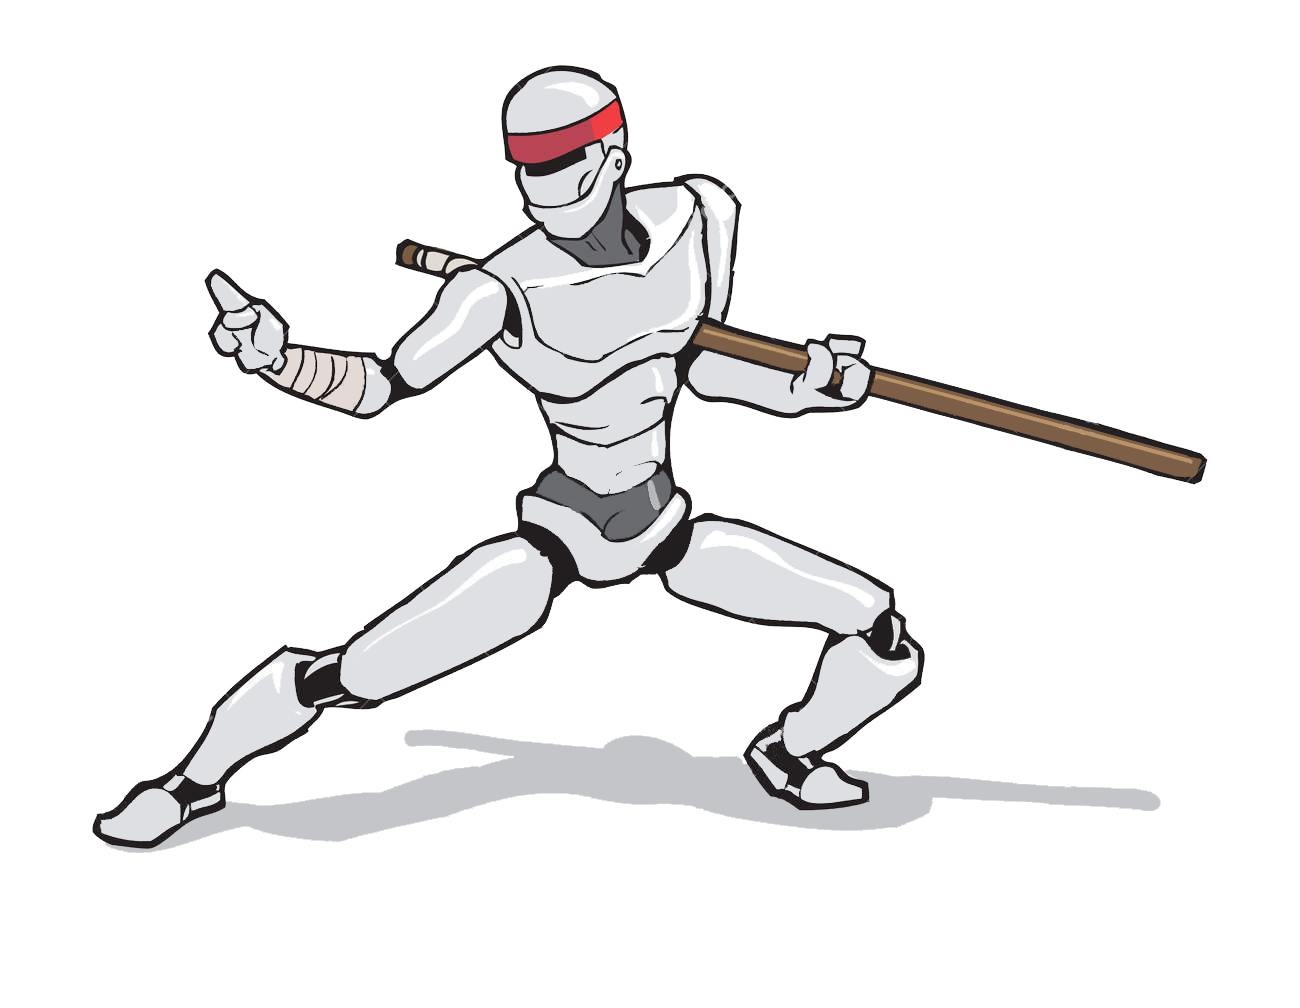 Robo-San